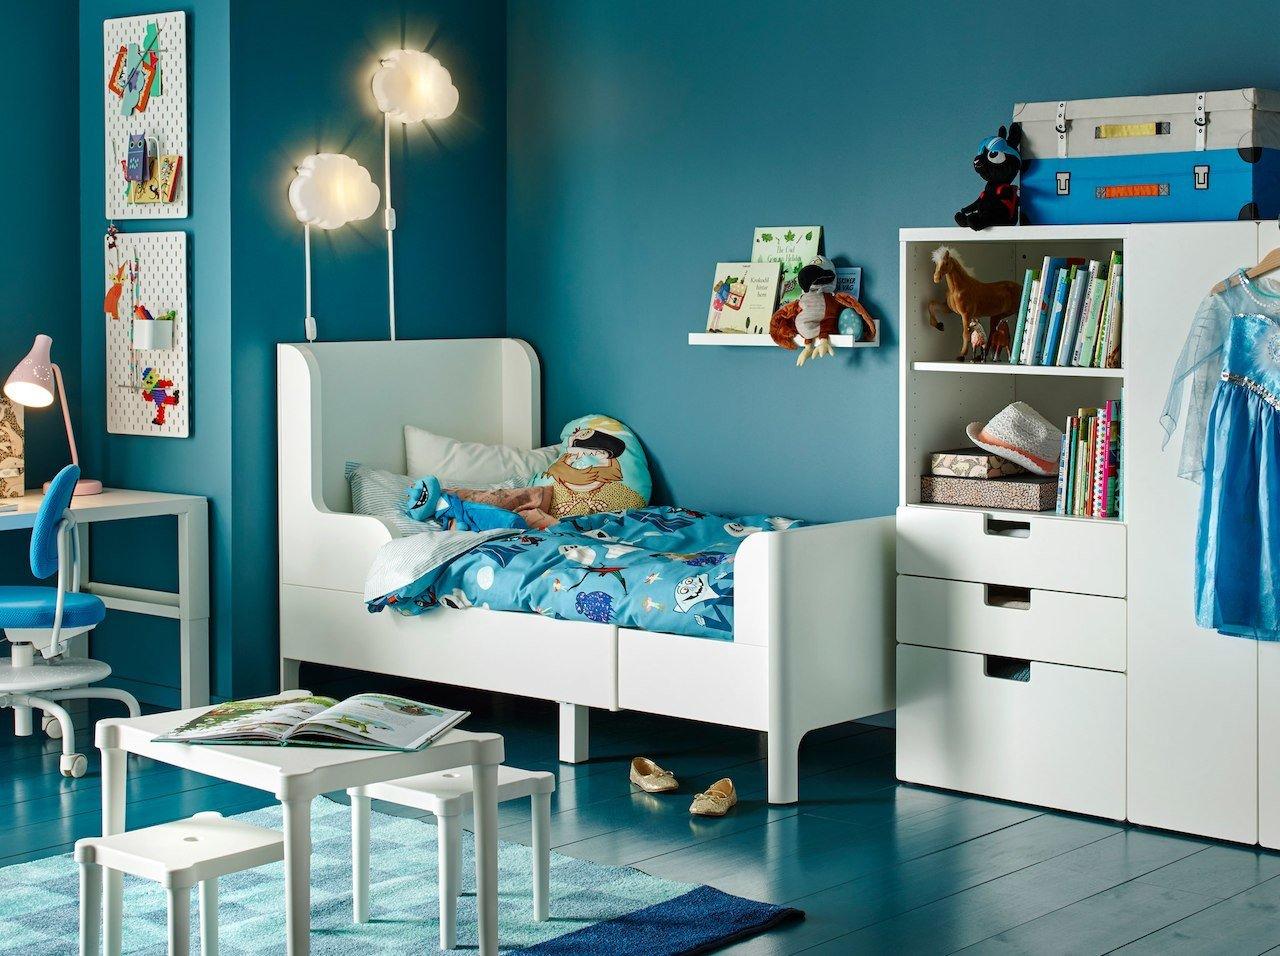 Kids Room Decor for Boys Lovely Kids Room Decor Luxury Room for Kids Ideas Luxury Room Decoration Ideas for Boys Room Latest